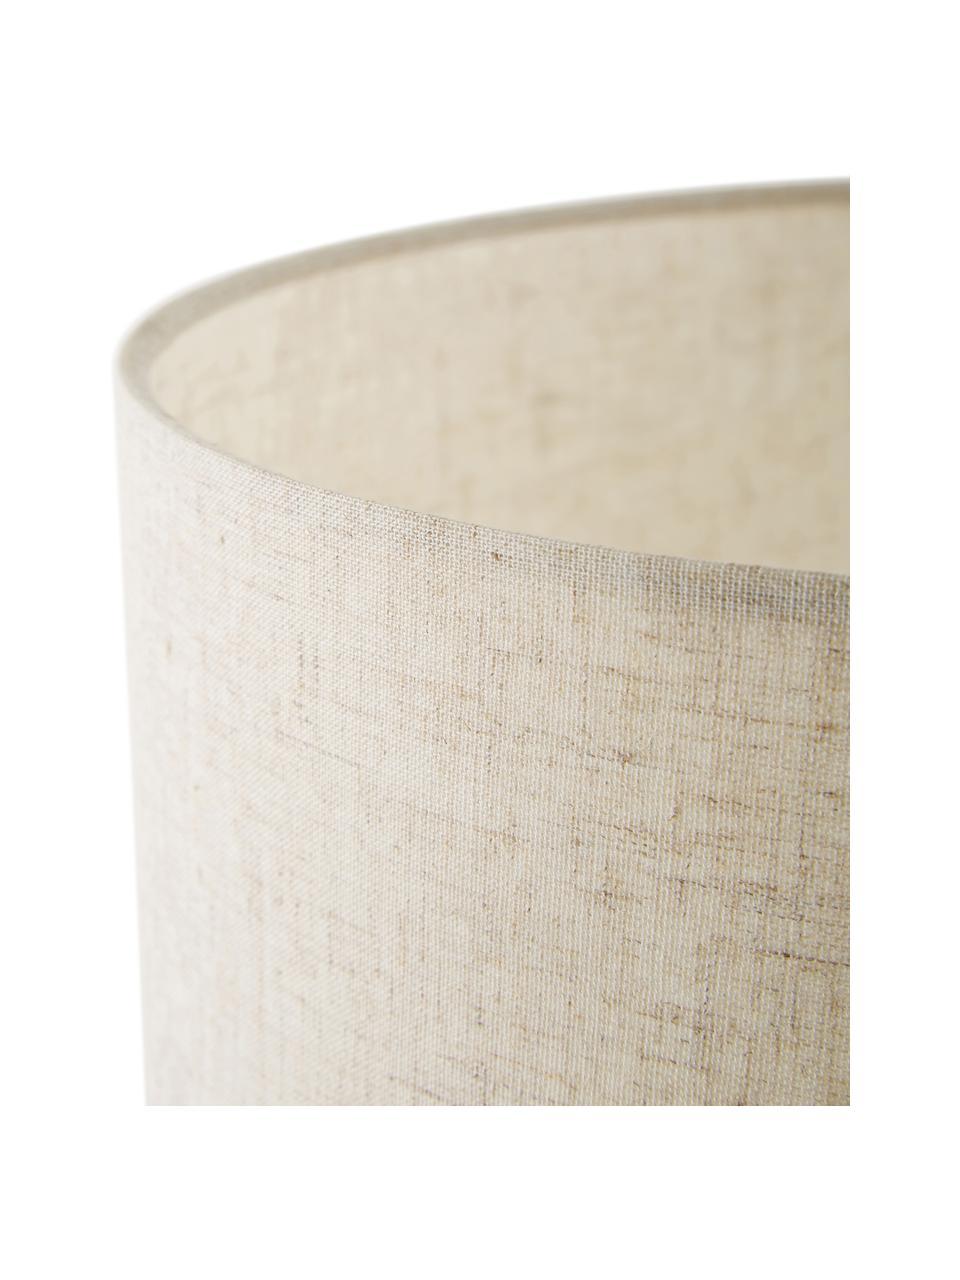 Grote keramische tafellamp Christine, Lampenkap: textiel, Lampvoet: keramiek, Decoratie: vermessingd metaal, Beige, grijs, Ø 28 x H 53 cm